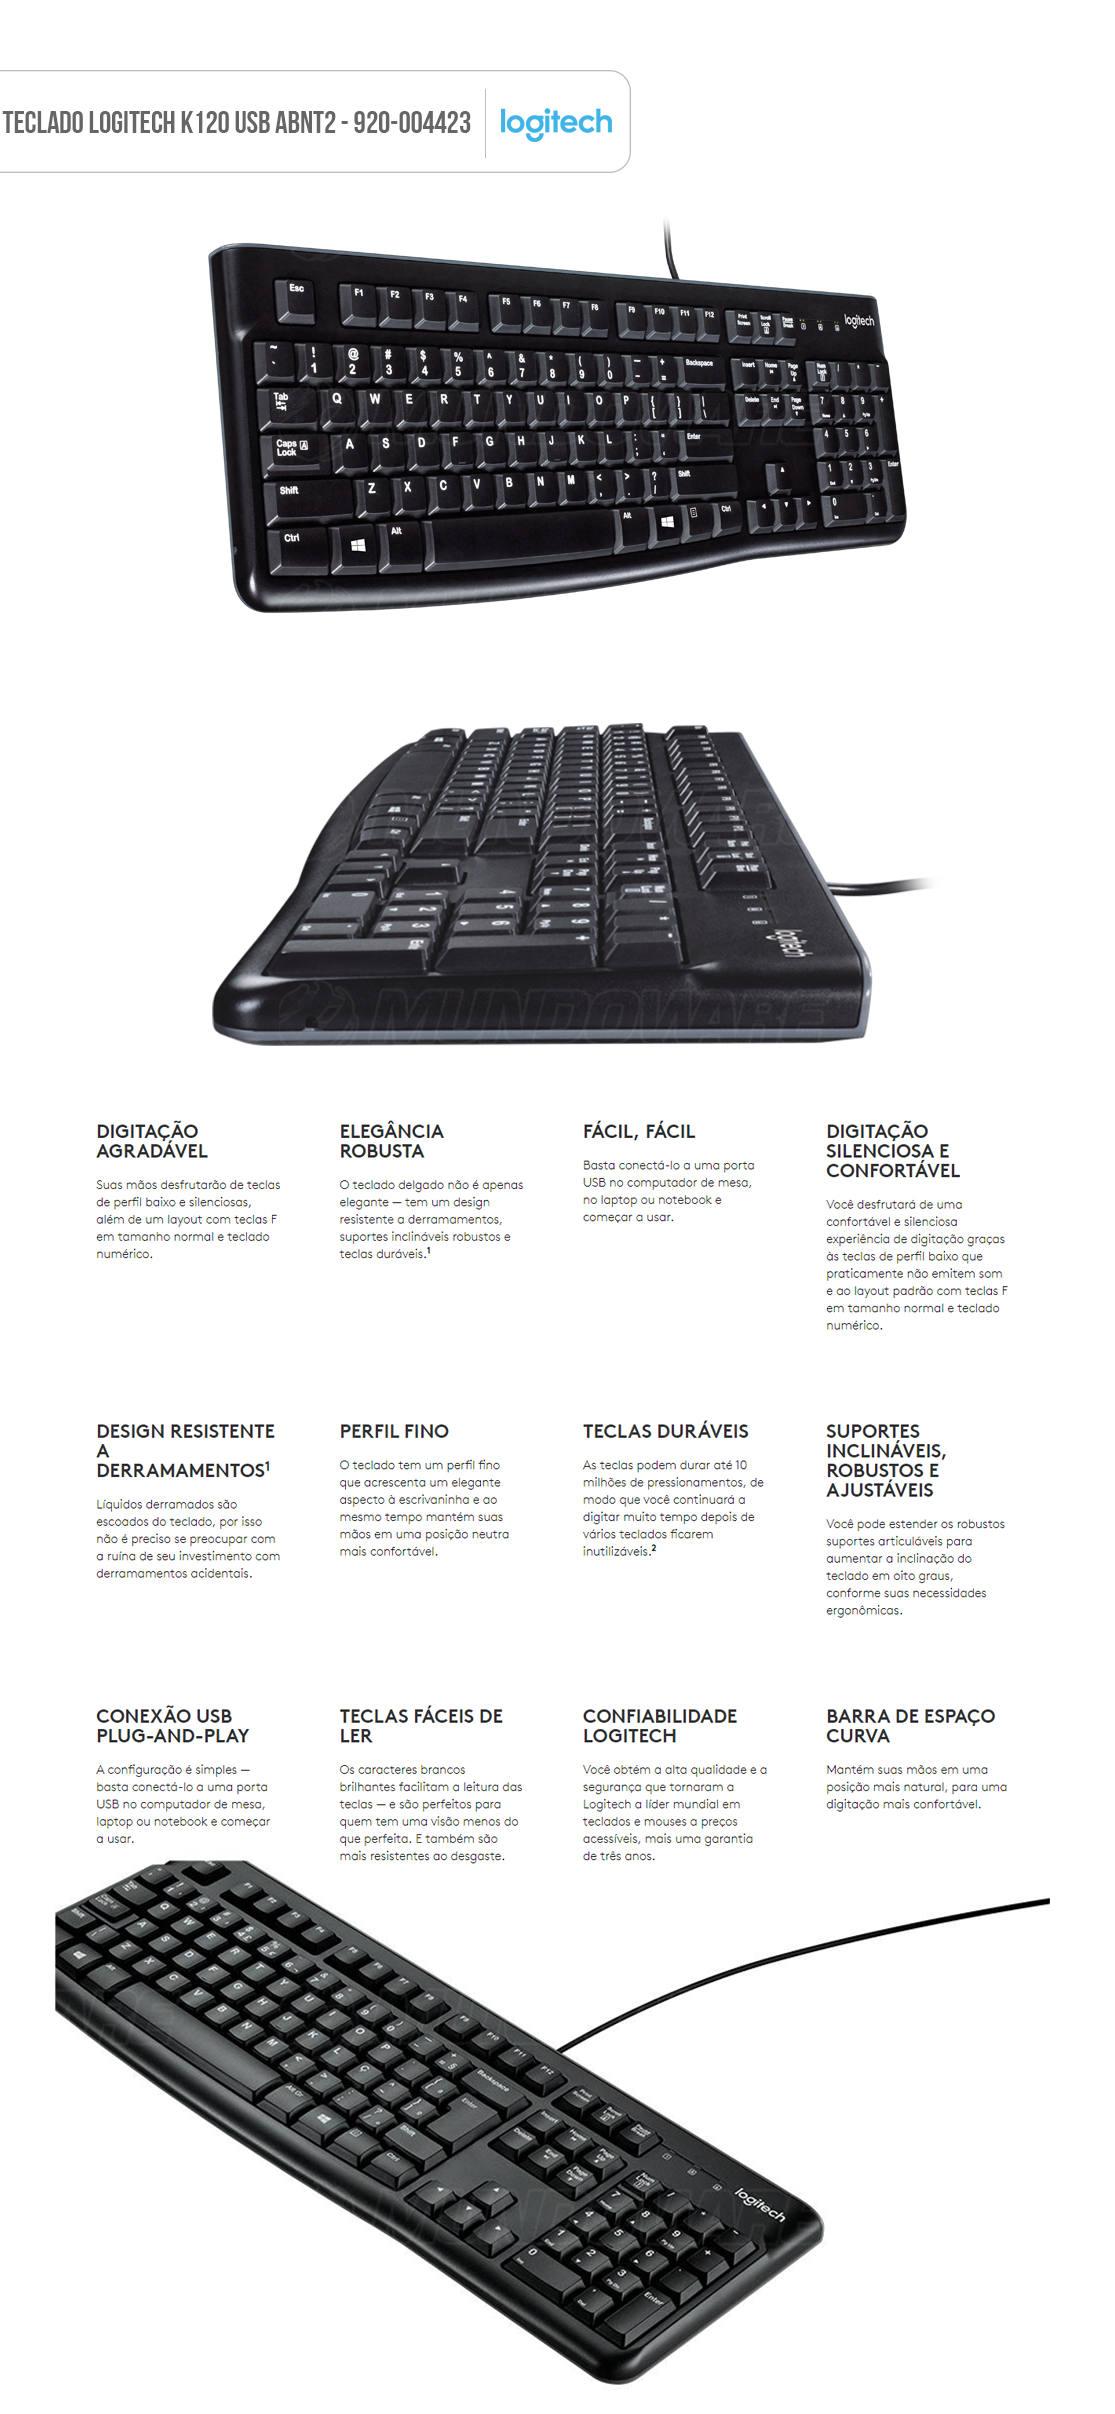 Teclado Logitech K120 com Fio USB ABNT2 Resistente à Respingos Digitação Silenciosa e Confortável Keyboard 920-004423